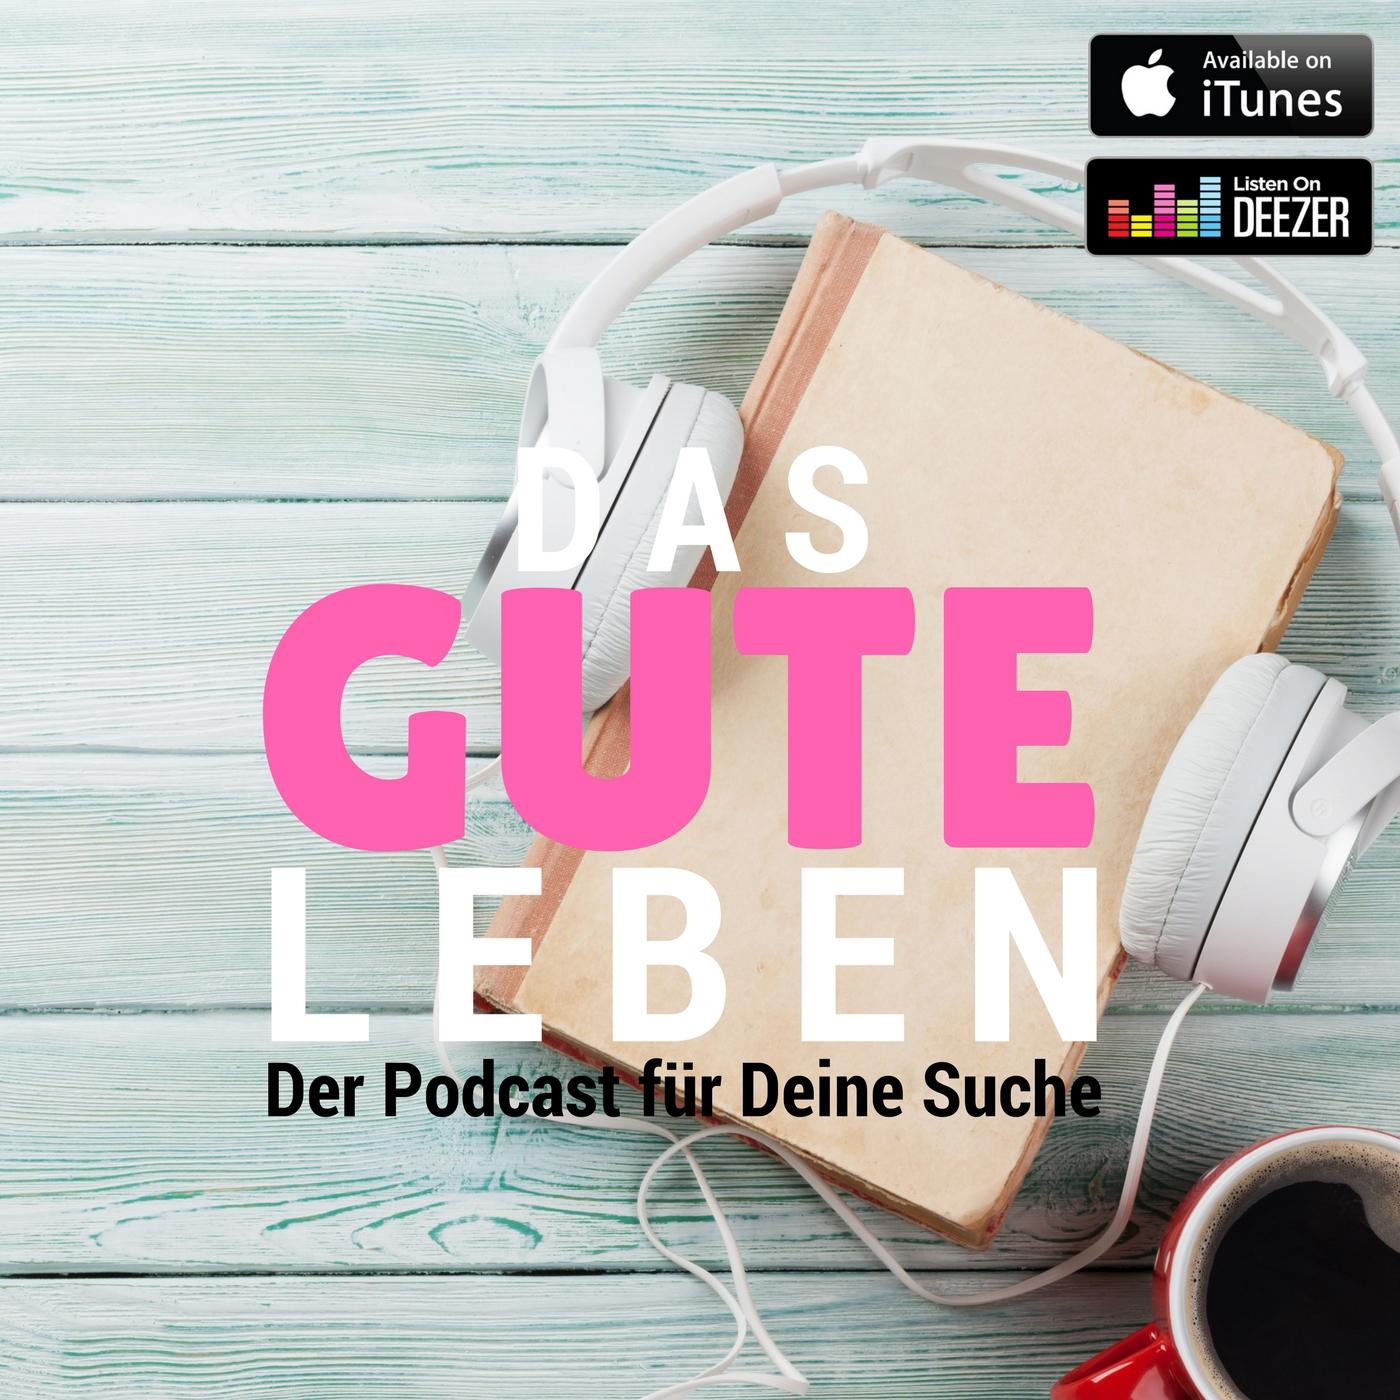 Das gute Leben - Dein Podcast